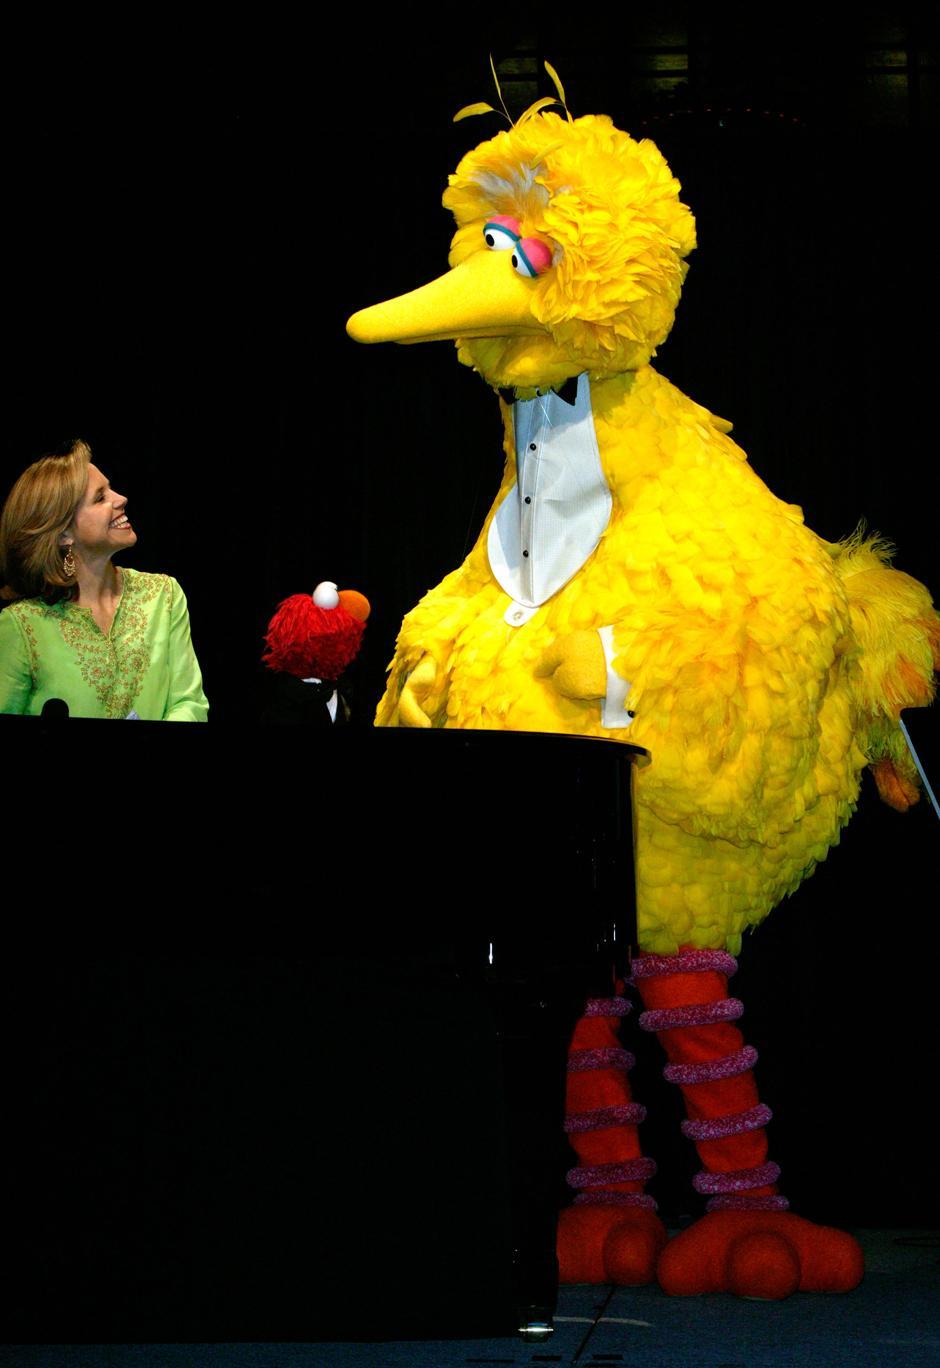 24. 4 июня 2003: американская журналистка Кэти Курик, Элмо и Большая Птица на гала-концерте в честь 35-летия организации «Sesame Street Workshop» в Нью-Йорке.